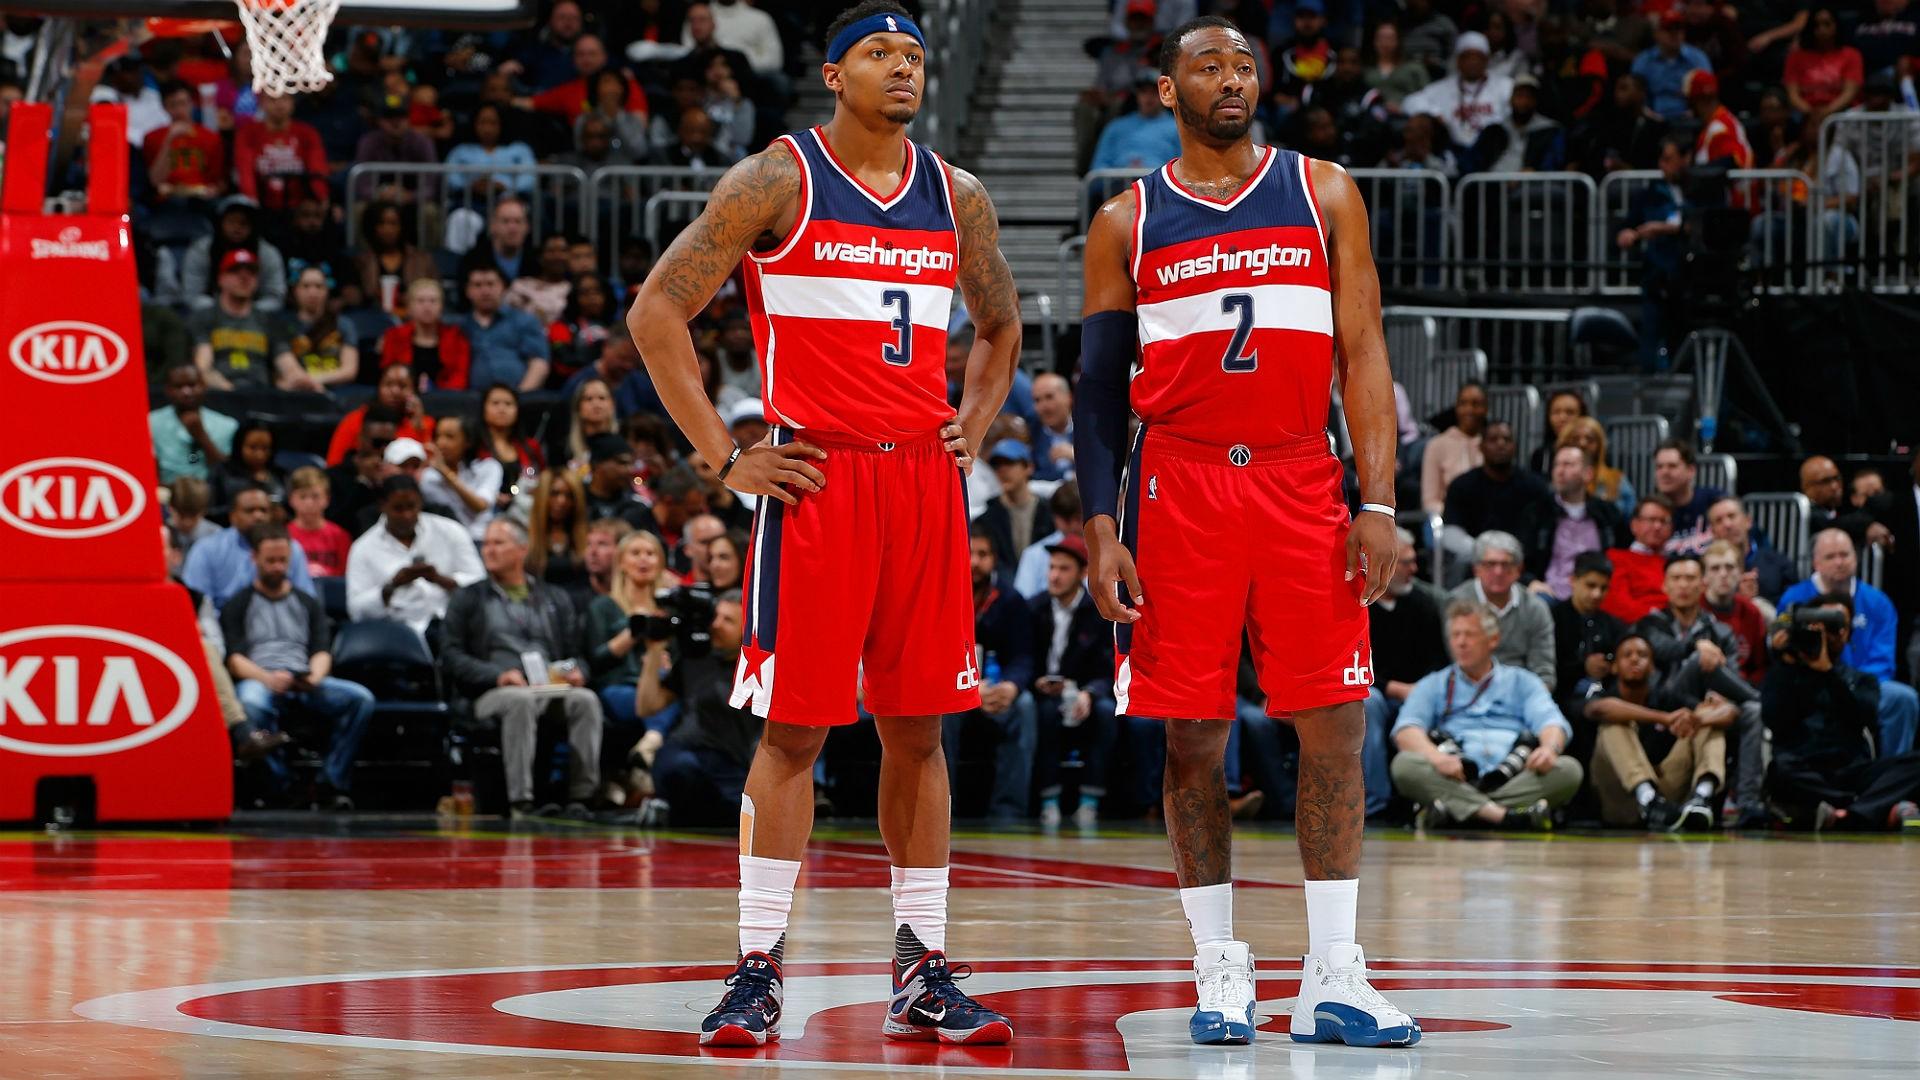 Washington Wizards sẽ mất rất nhiều nếu muốn trao đổi John Wall và Bradley Beal - Ảnh 1.